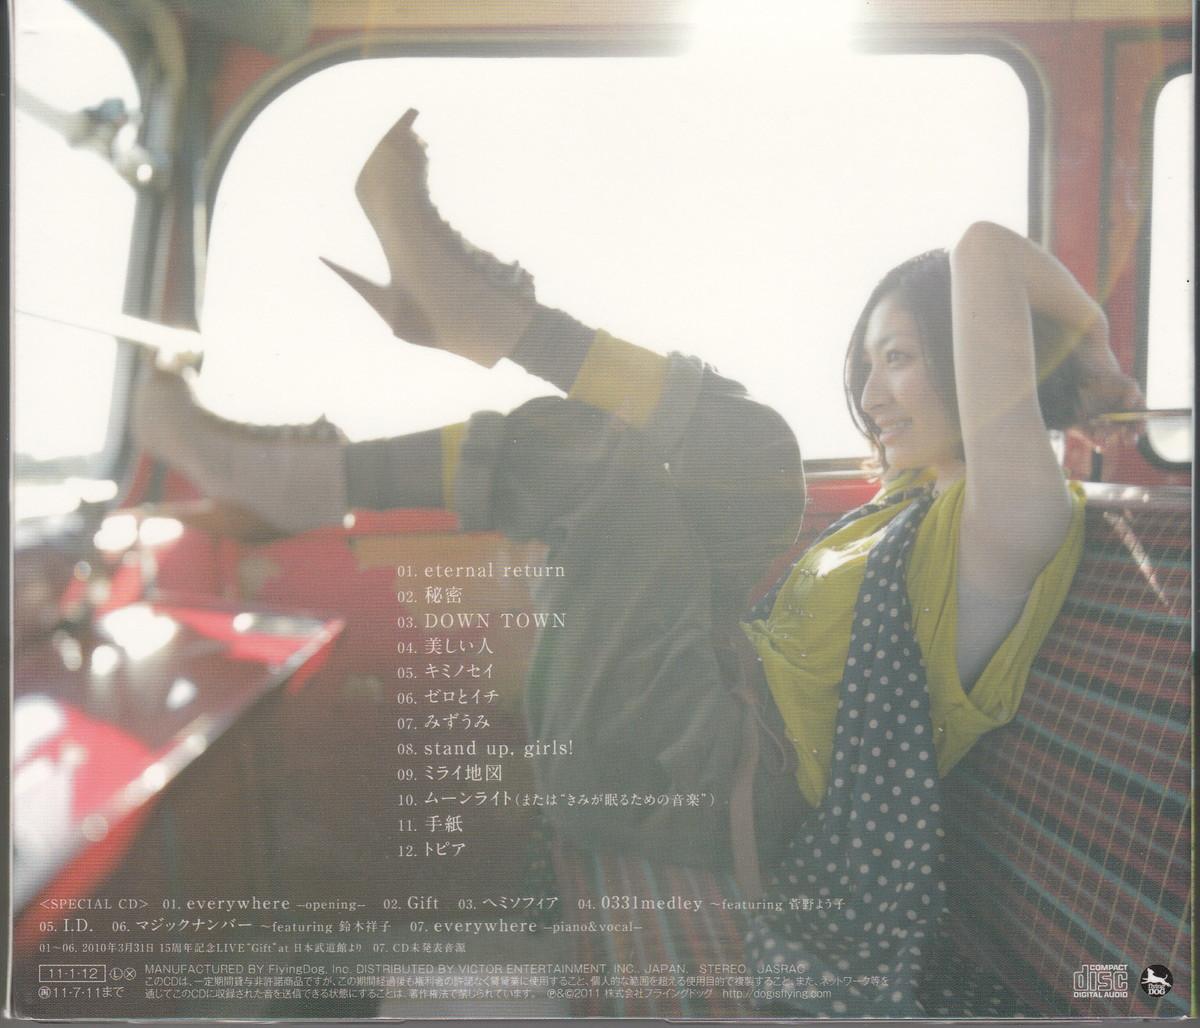 ★坂本真綾:You can't catch me [初回限定盤]/7thオリジナルアルバム,スリーブケース付,特典CD付_画像2